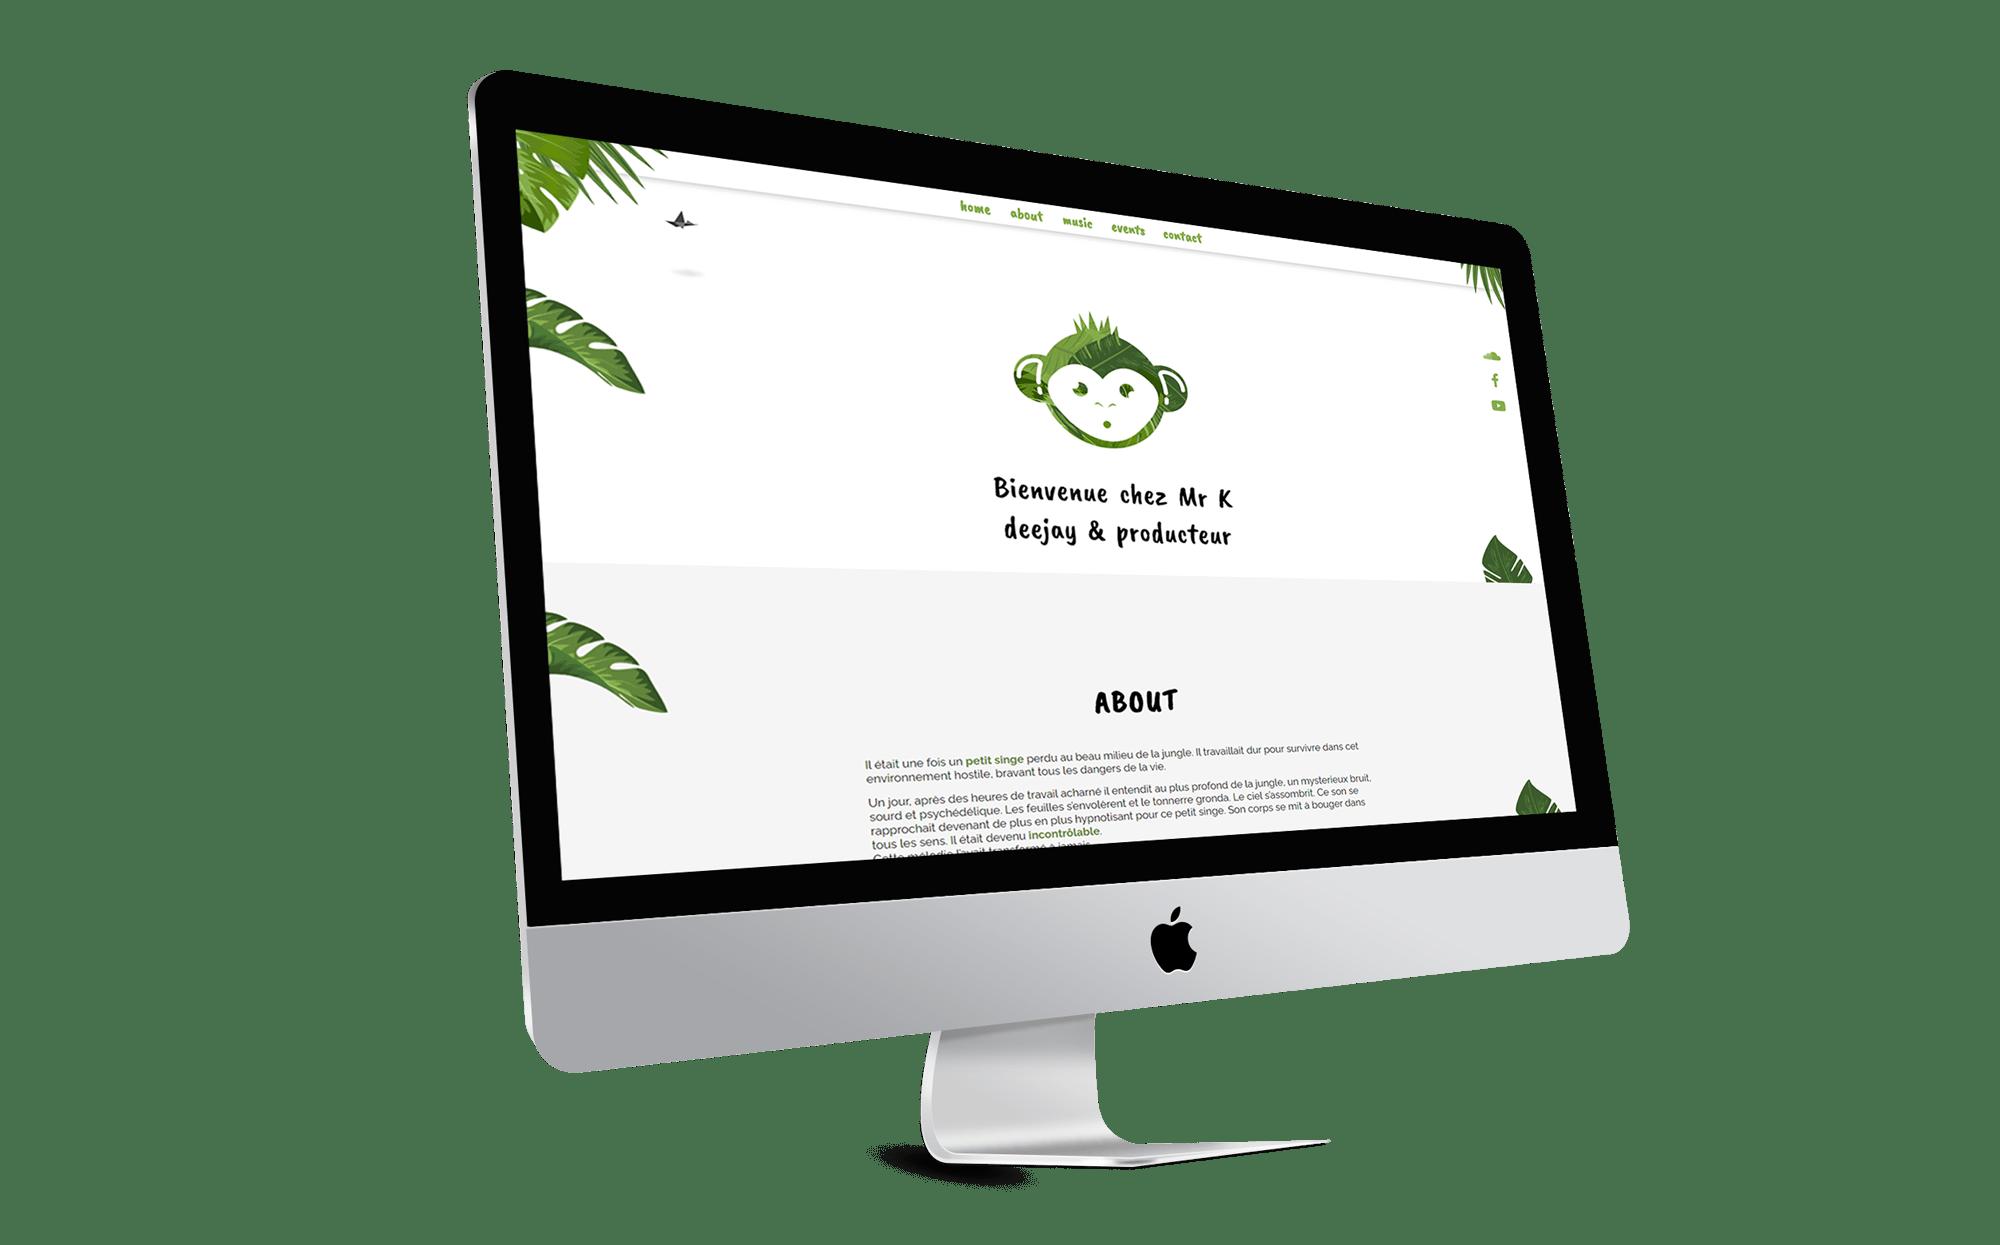 monsieur-k-creation-site-internet-développement-web